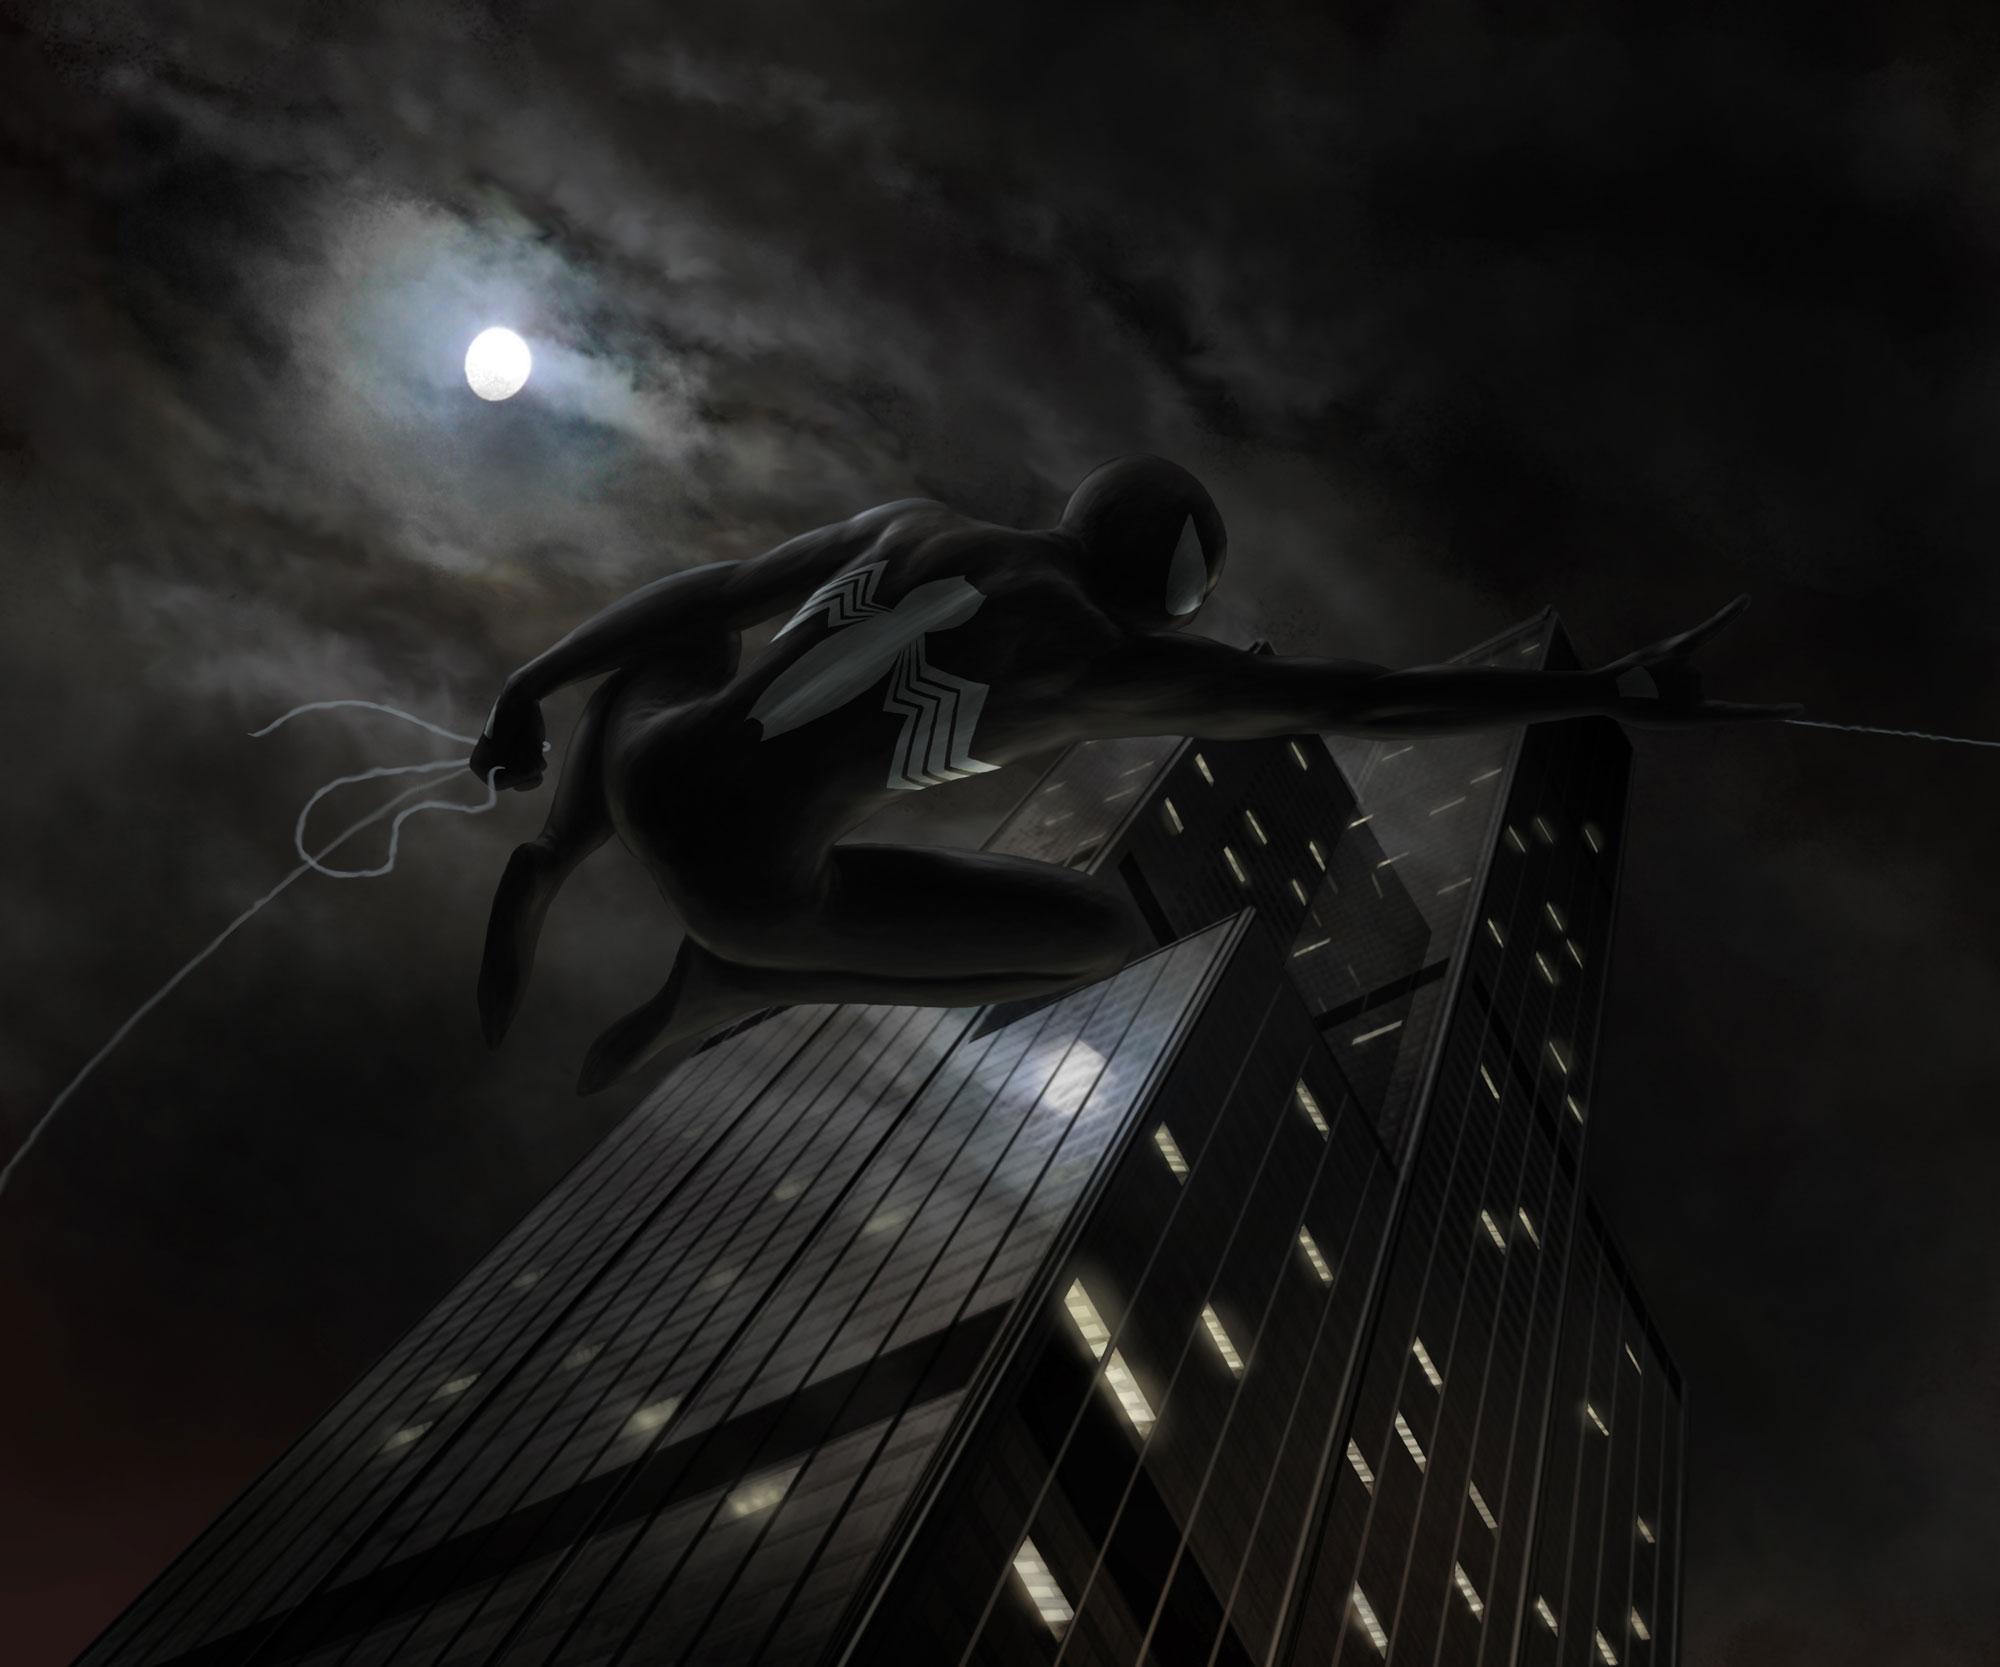 Spider's moon - La lune de l'araignée